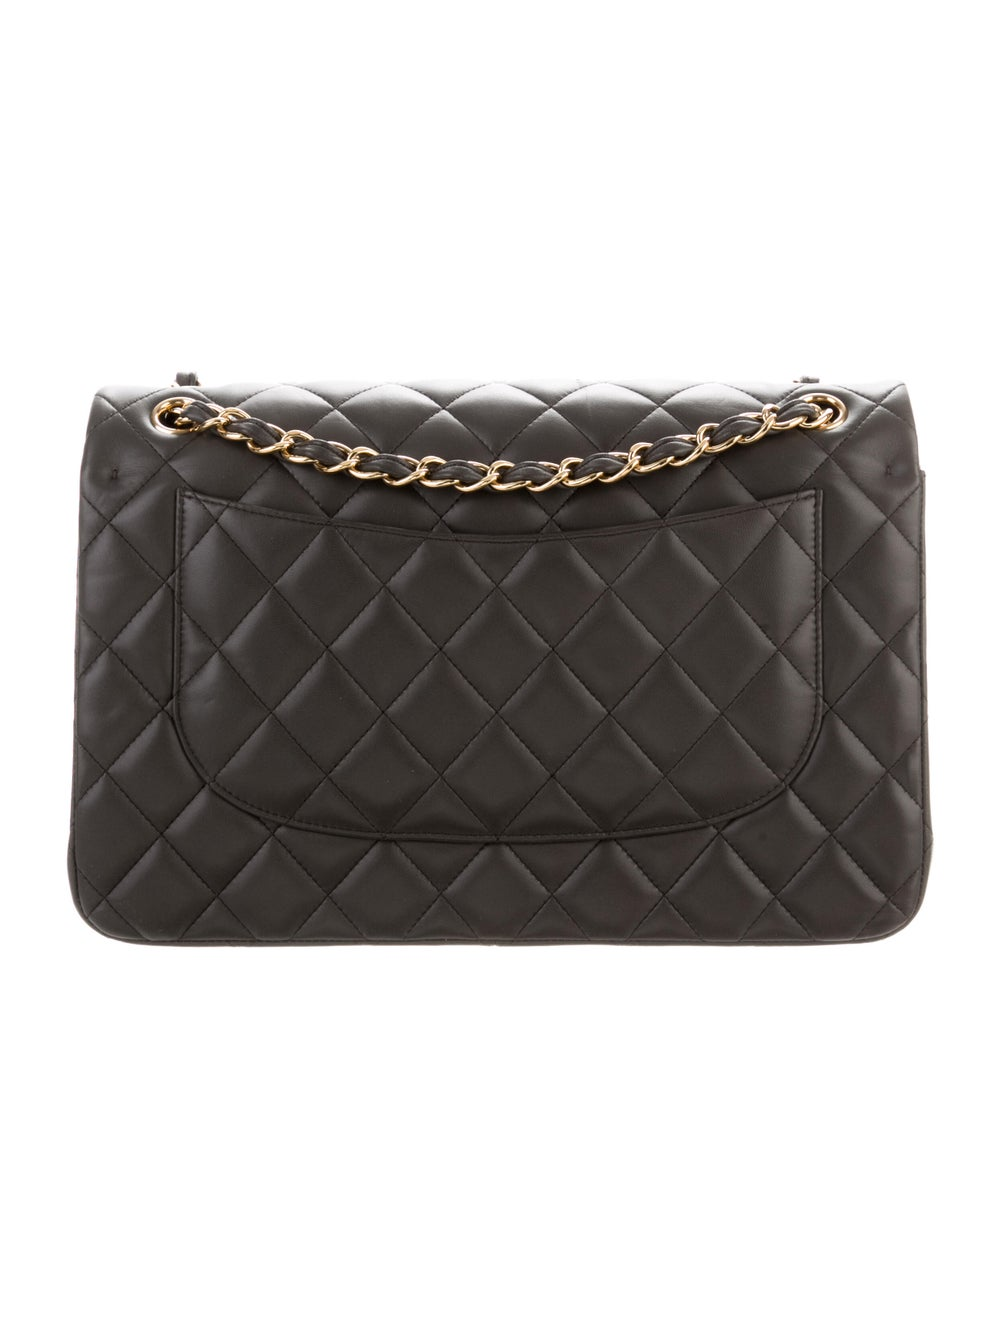 Chanel Classic Jumbo Double Flap Bag Grey - image 4